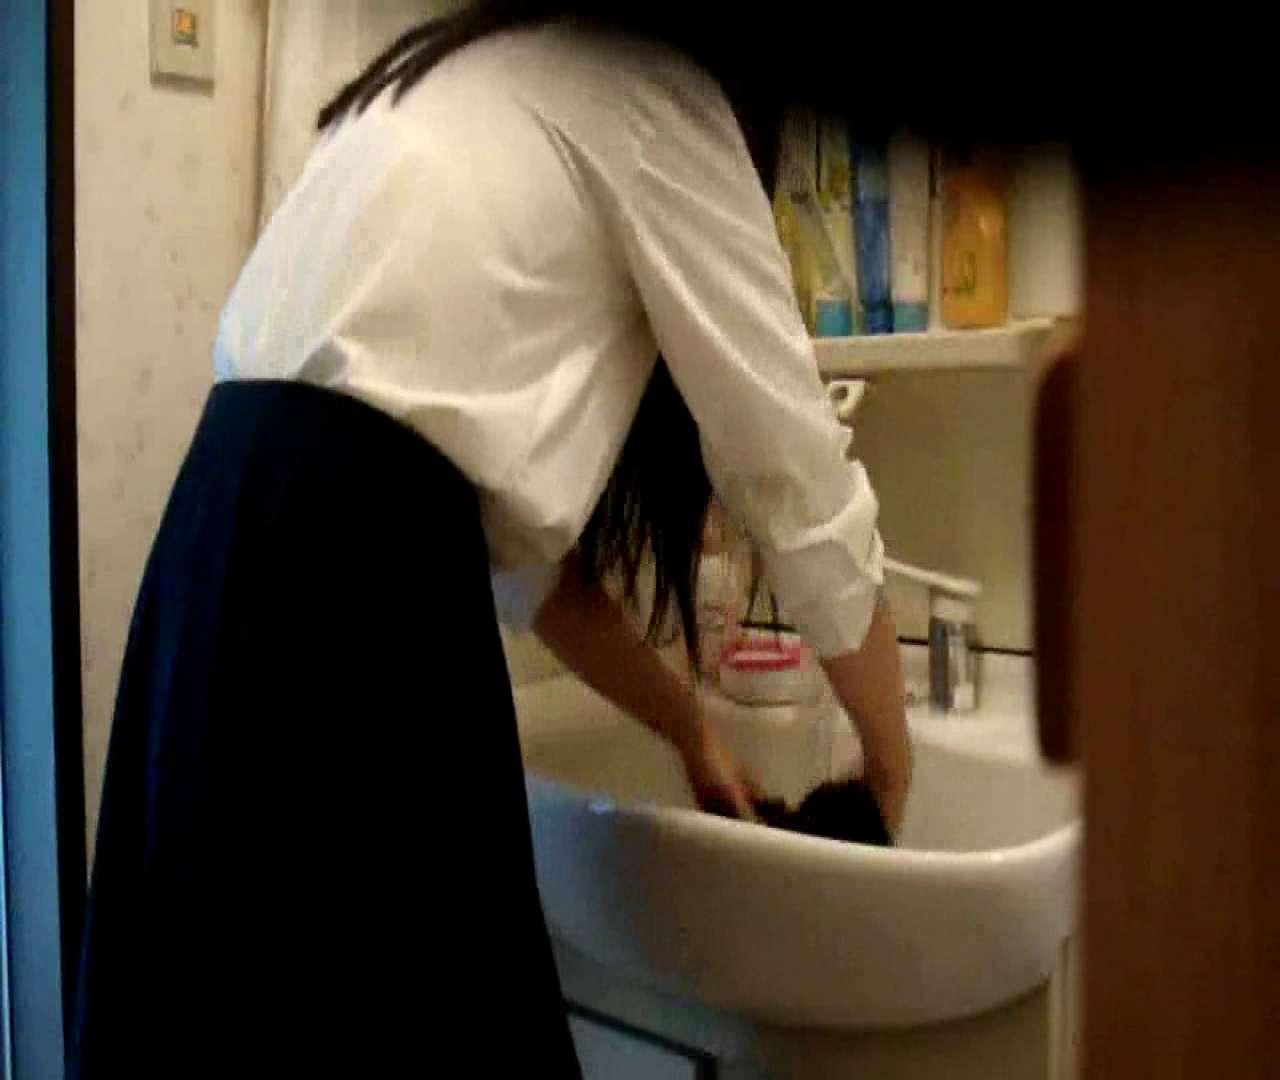 二人とも育てた甲斐がありました… vol.05 まどかが洗顔後にブラを洗濯 HなOL | 0  98pic 86